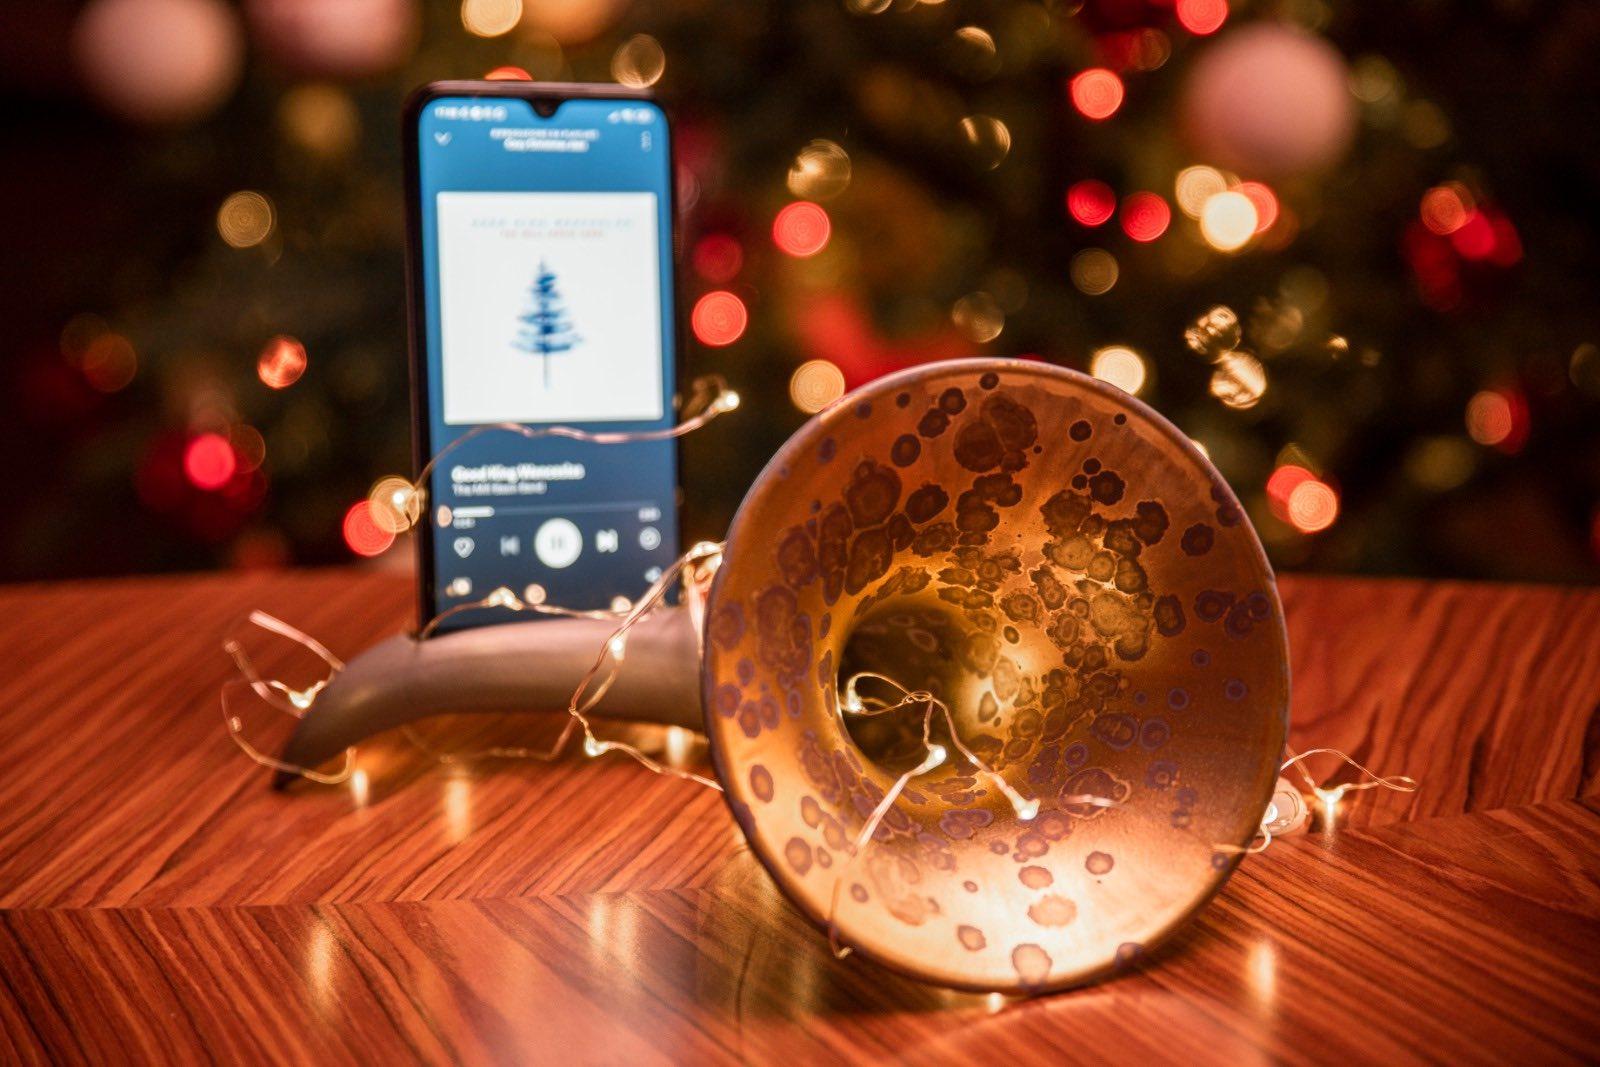 فكرة الهدية المثالية لعيد الميلاد